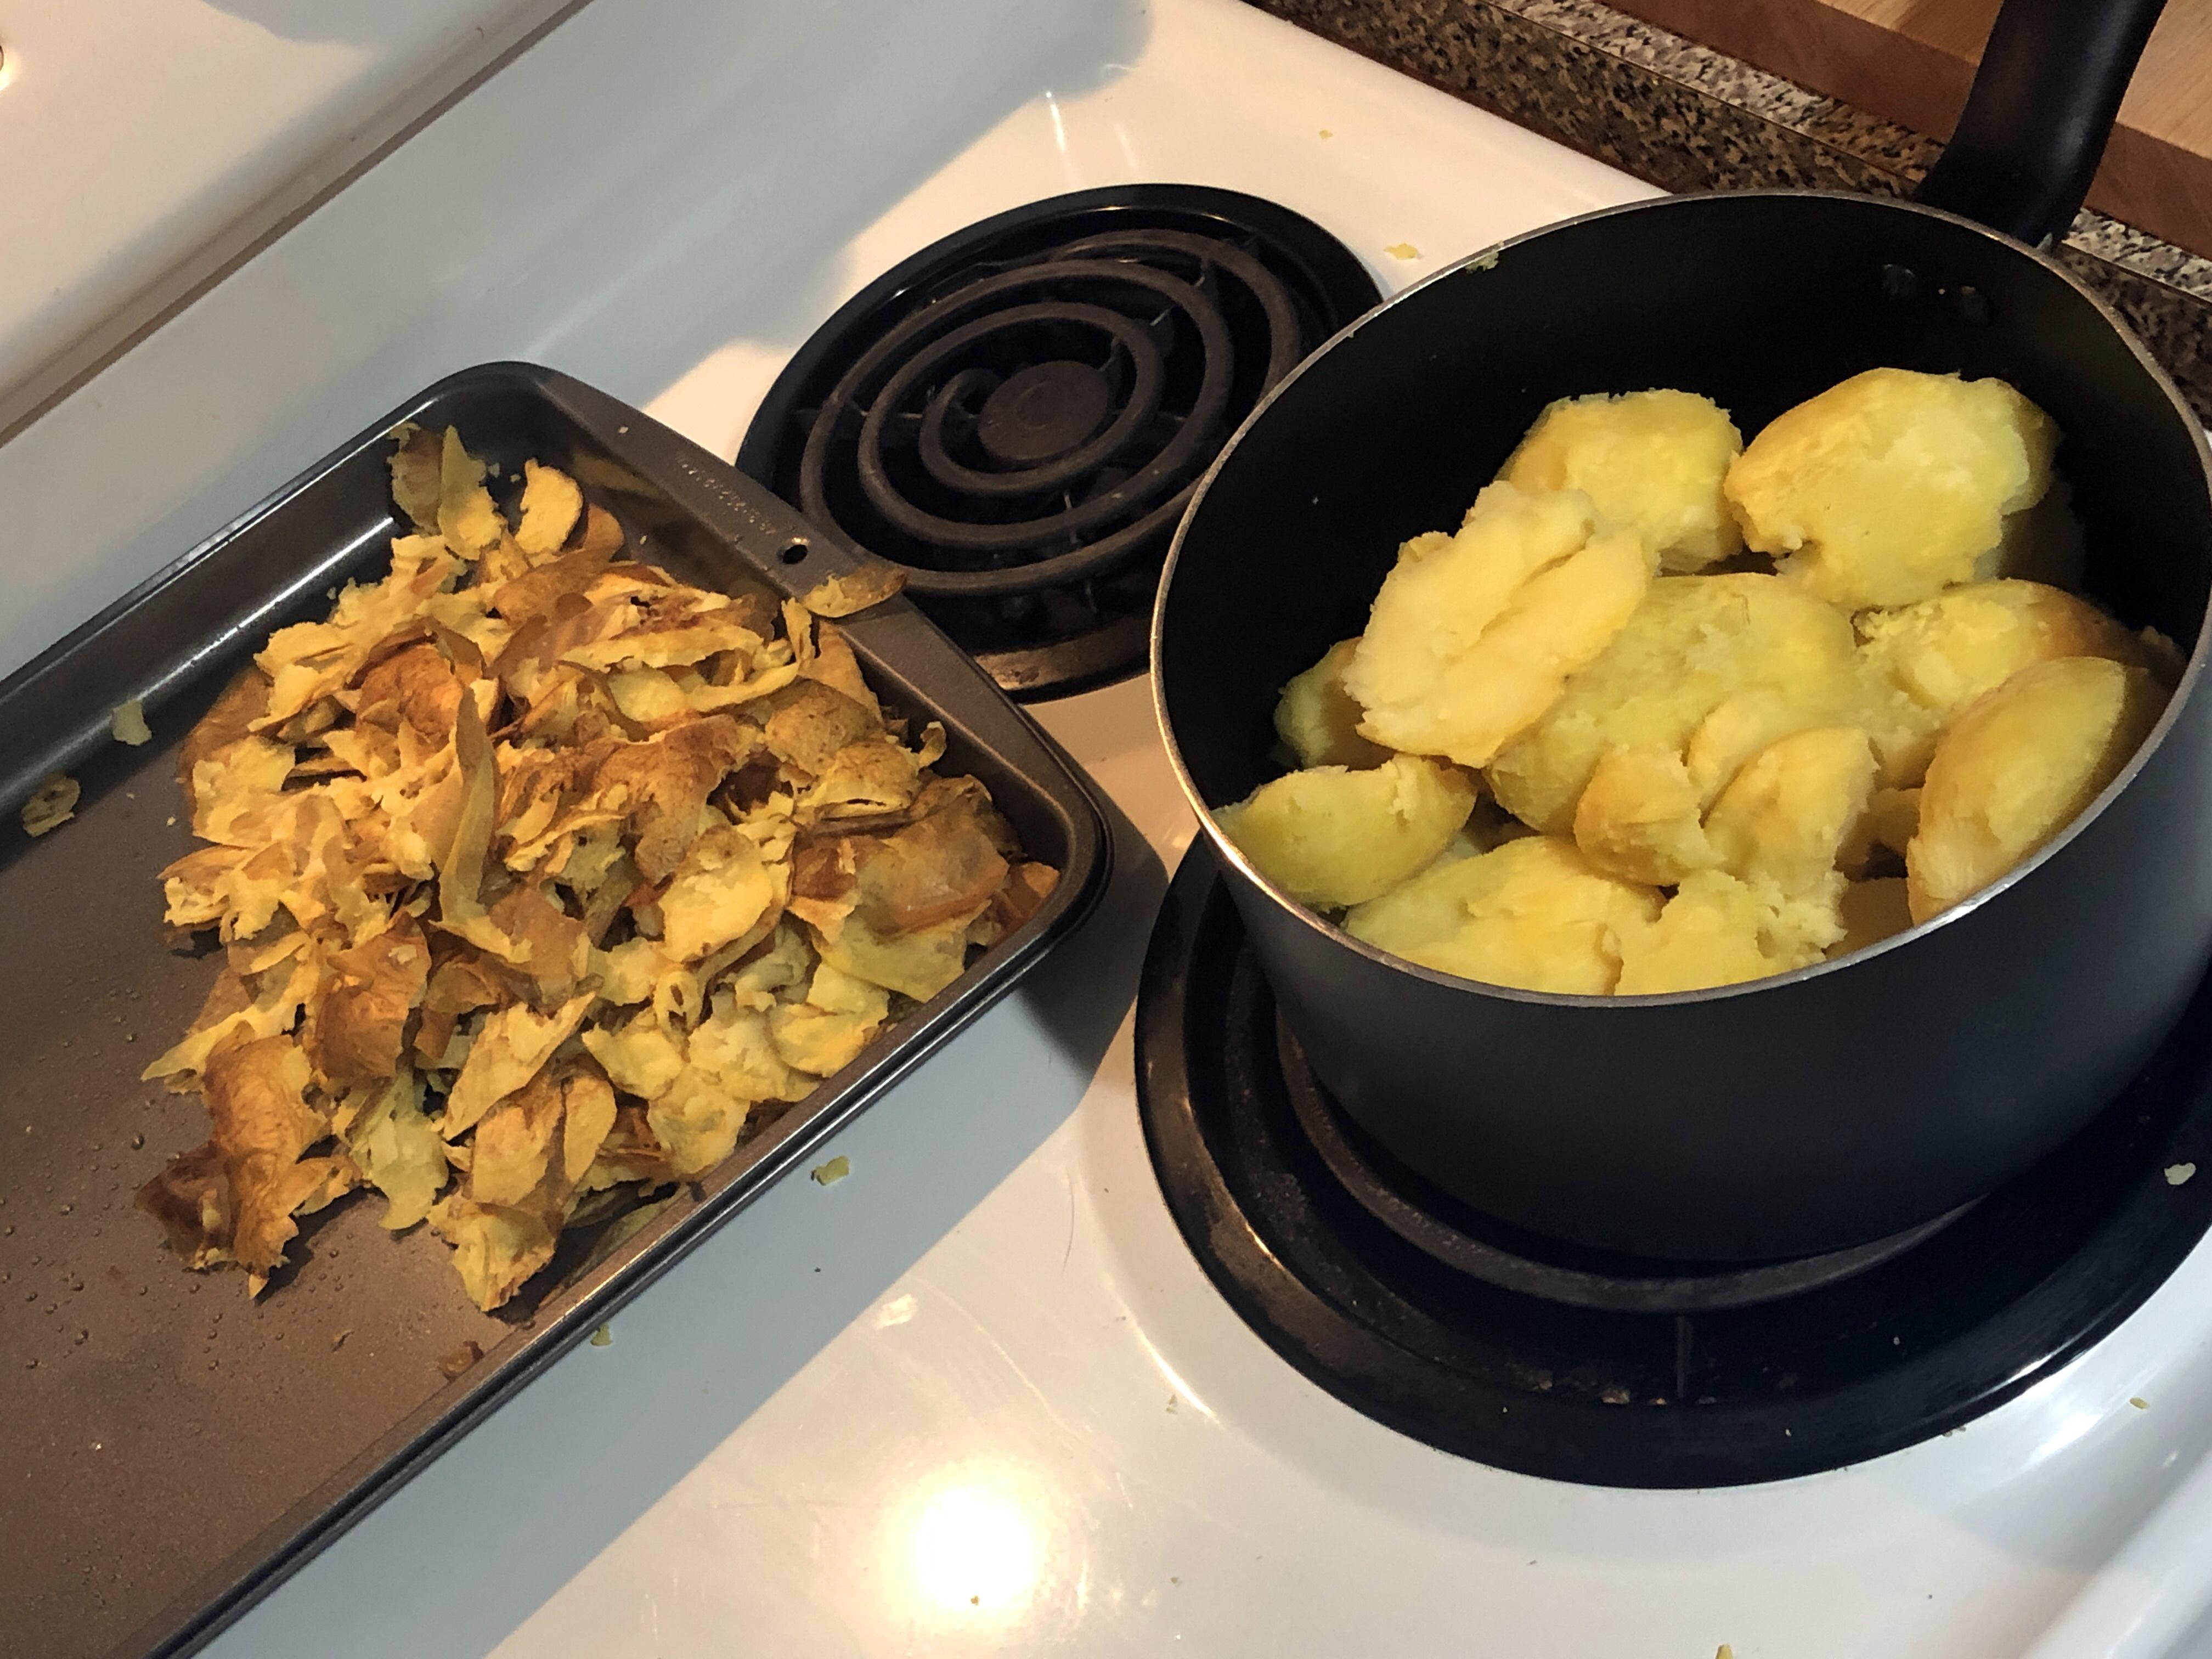 Thanksgiving mashed potatoes